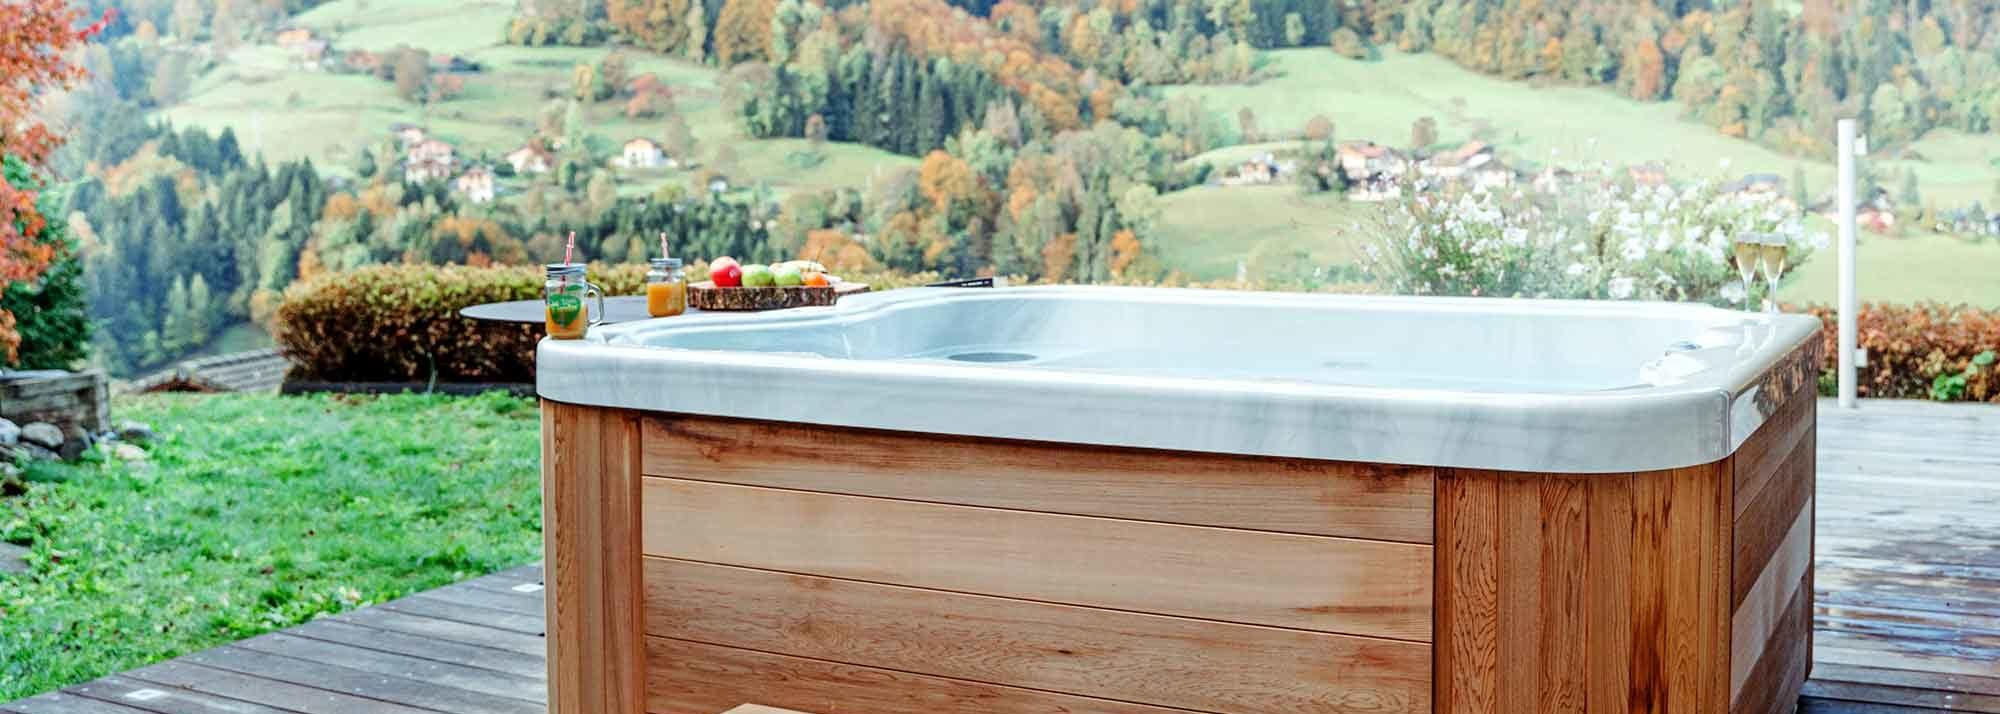 Spa Encastre Jacuzzi Bois Bain Remous Suisse